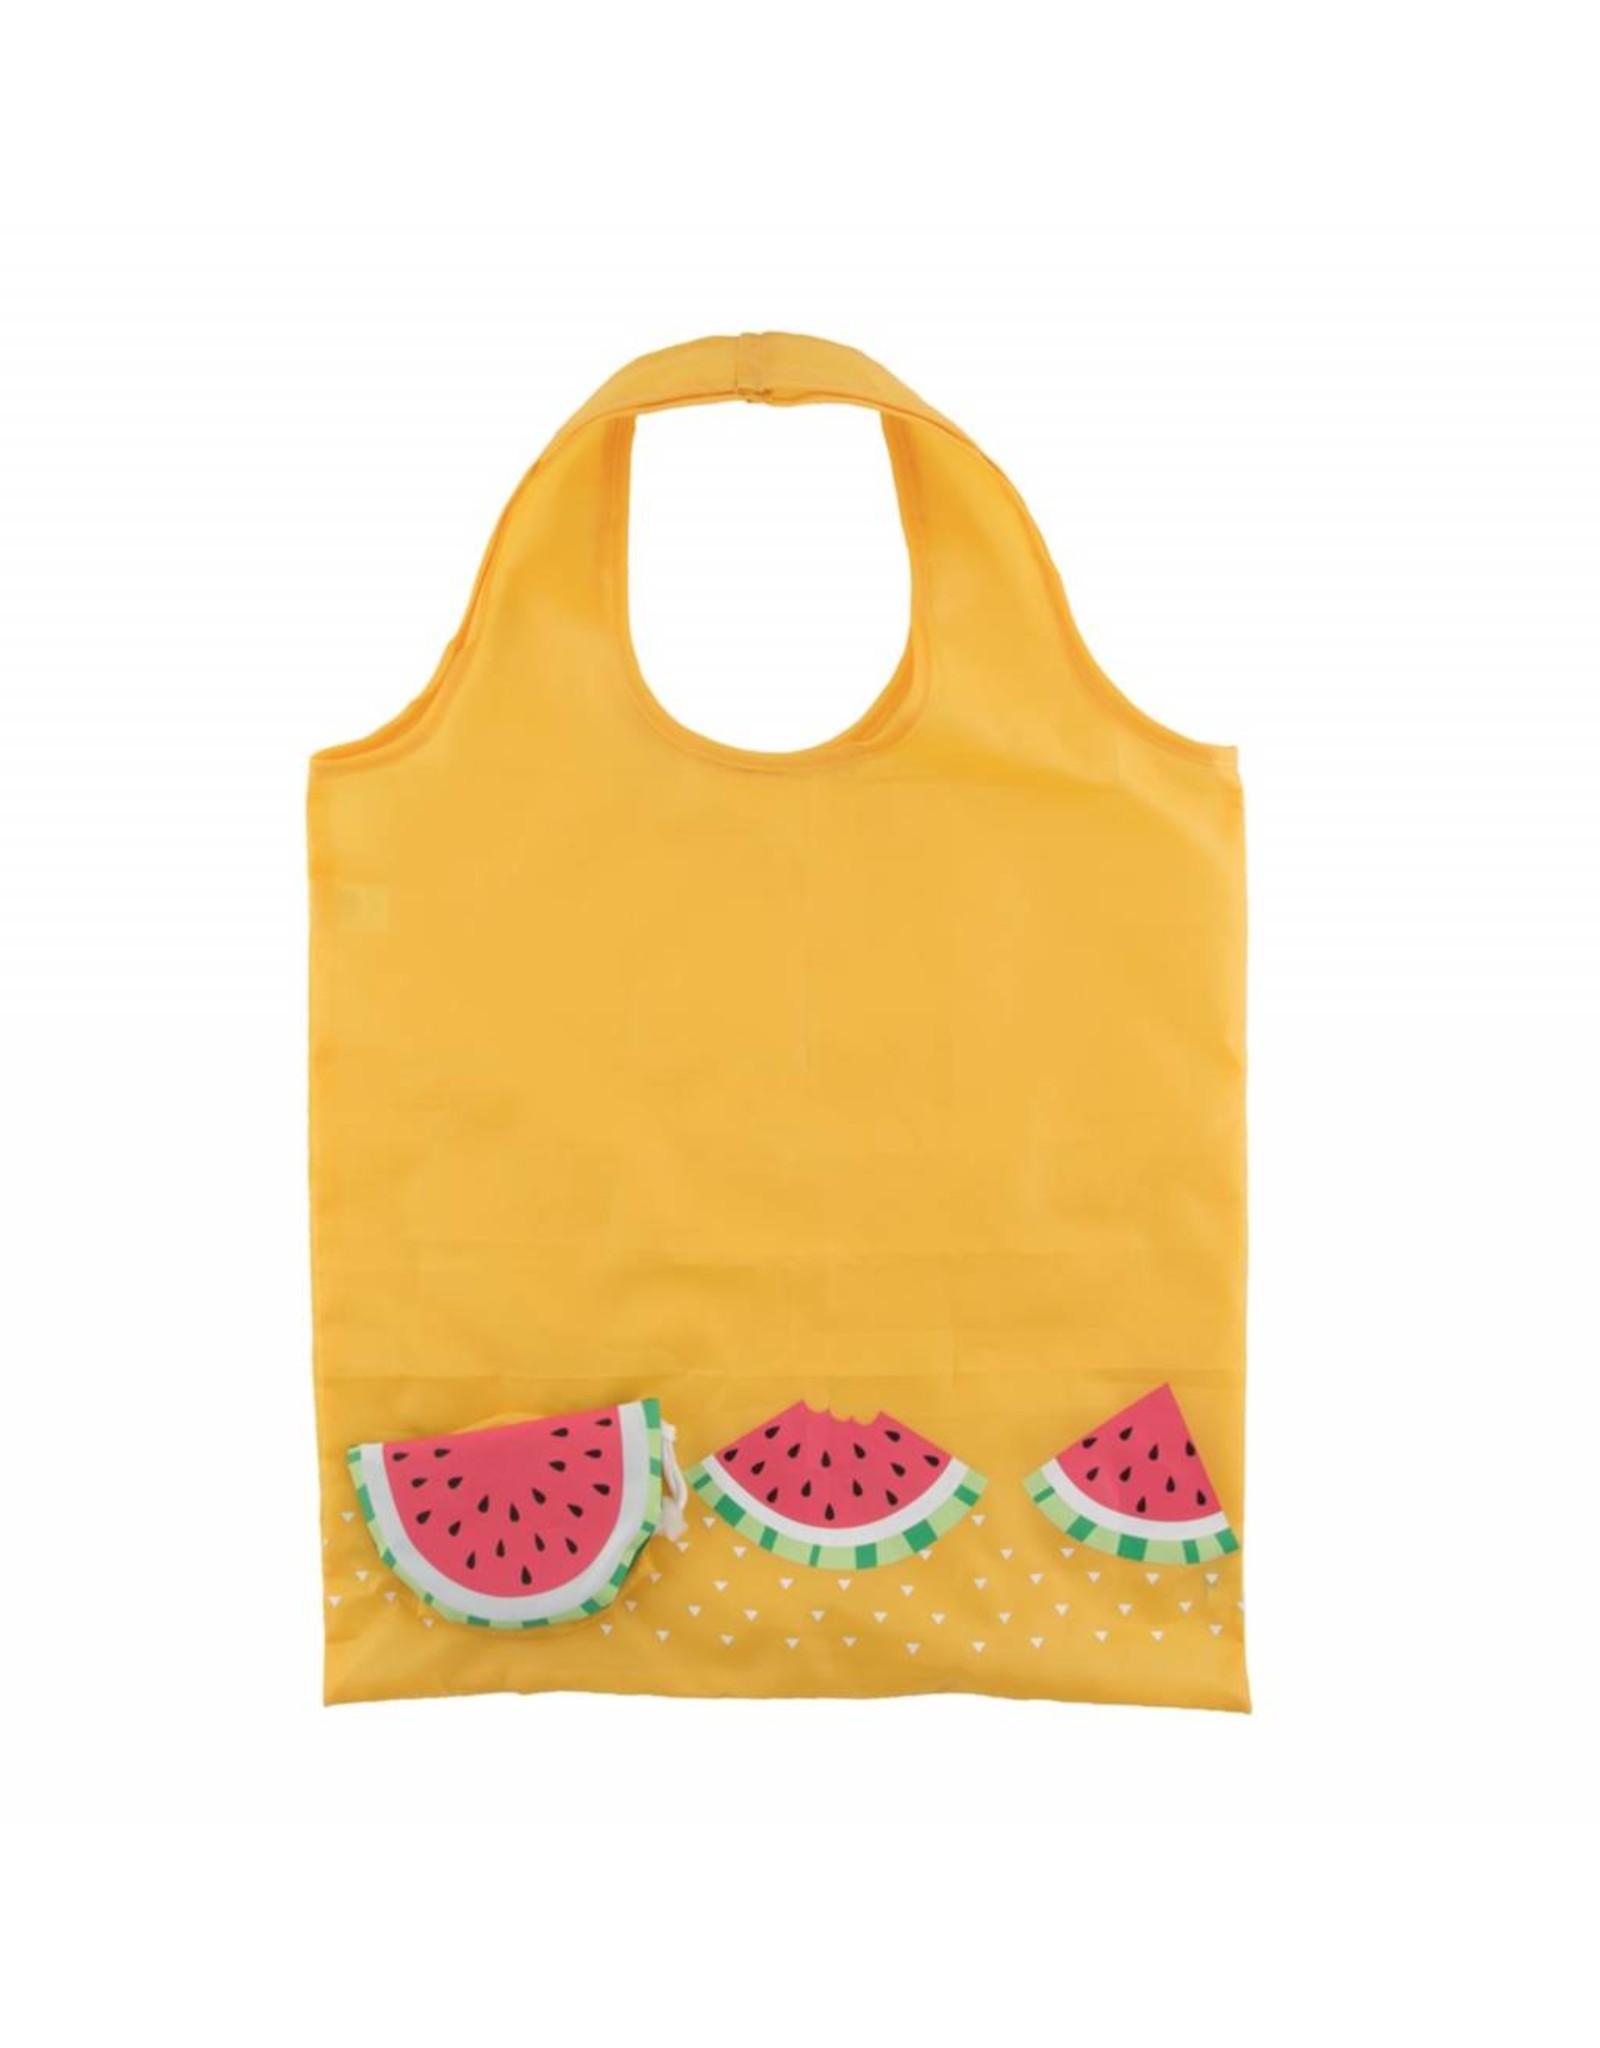 S&B opvouwbaar zakje watermeloen